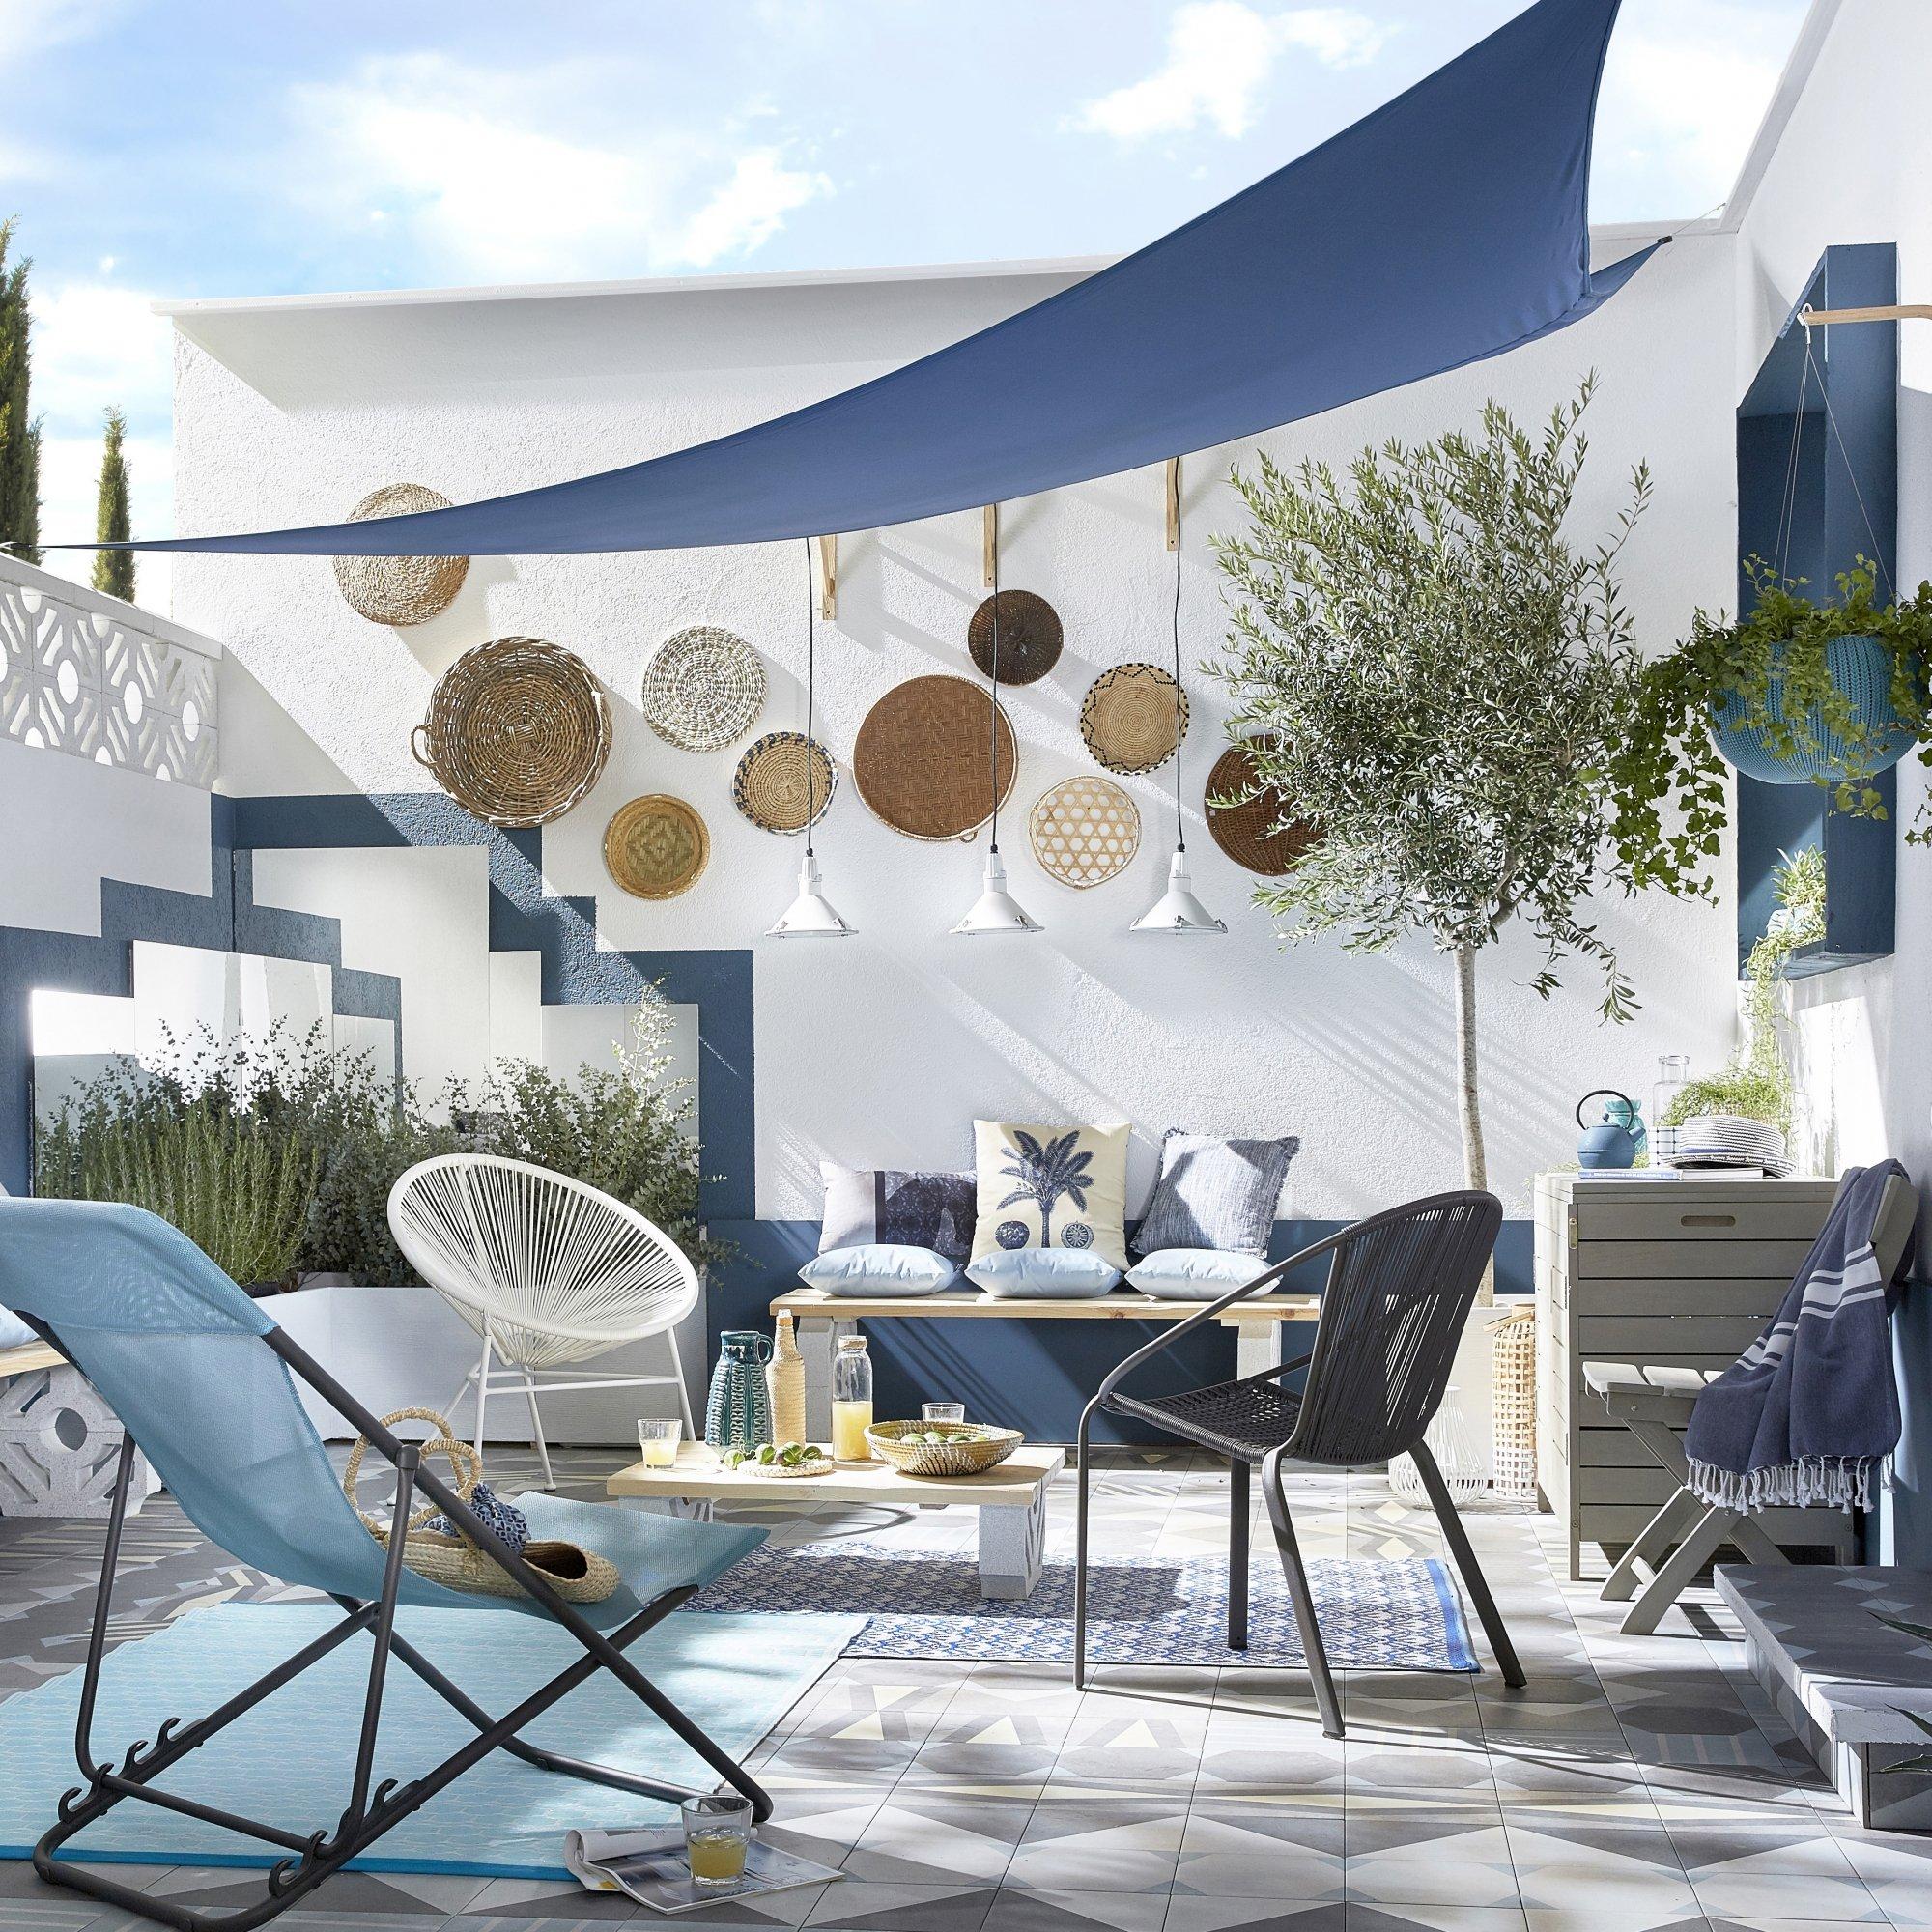 Décoration Murale Bureau Entreprise 18 idées déco pour faire entrer l'été chez soi ! - agence